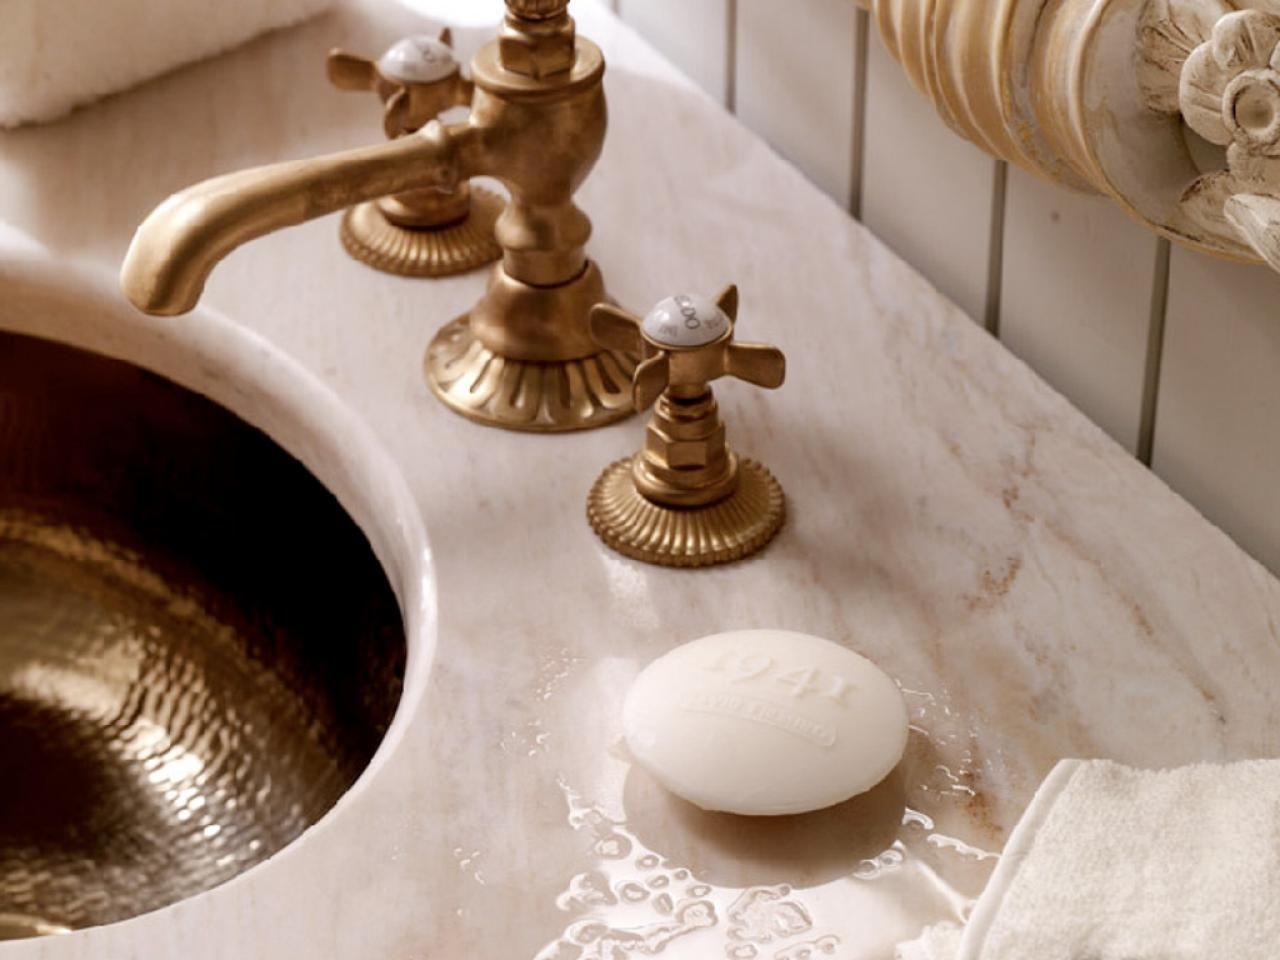 Antique Bathroom Fixtures Bathroom Fixtures Bathroom Designs